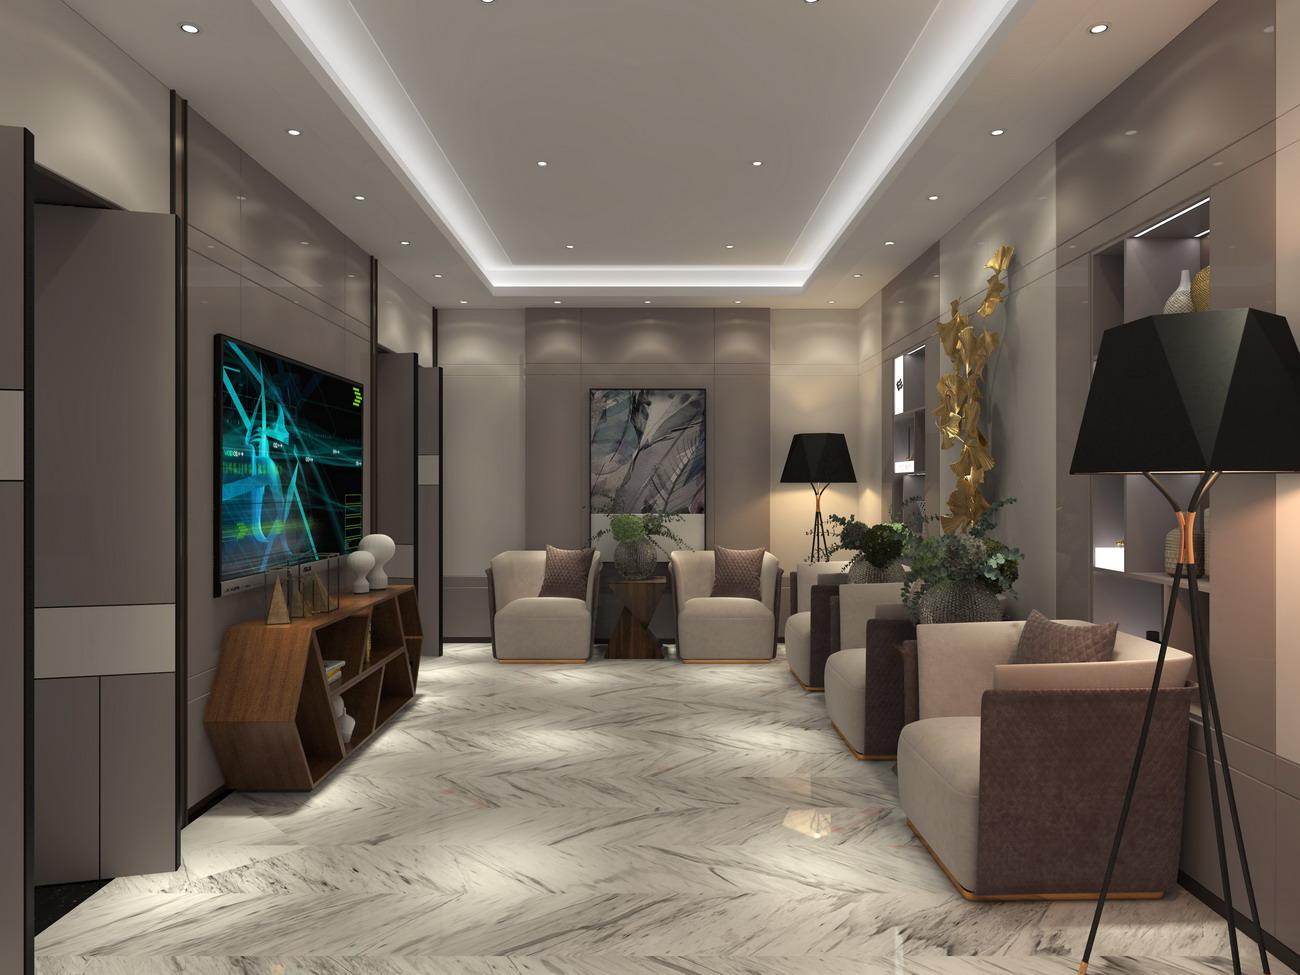 卡娜迪木门抓买点设计-高端木门店专卖店设计-客厅设计-整木定制产品开发设计-整木定制案例欣赏-